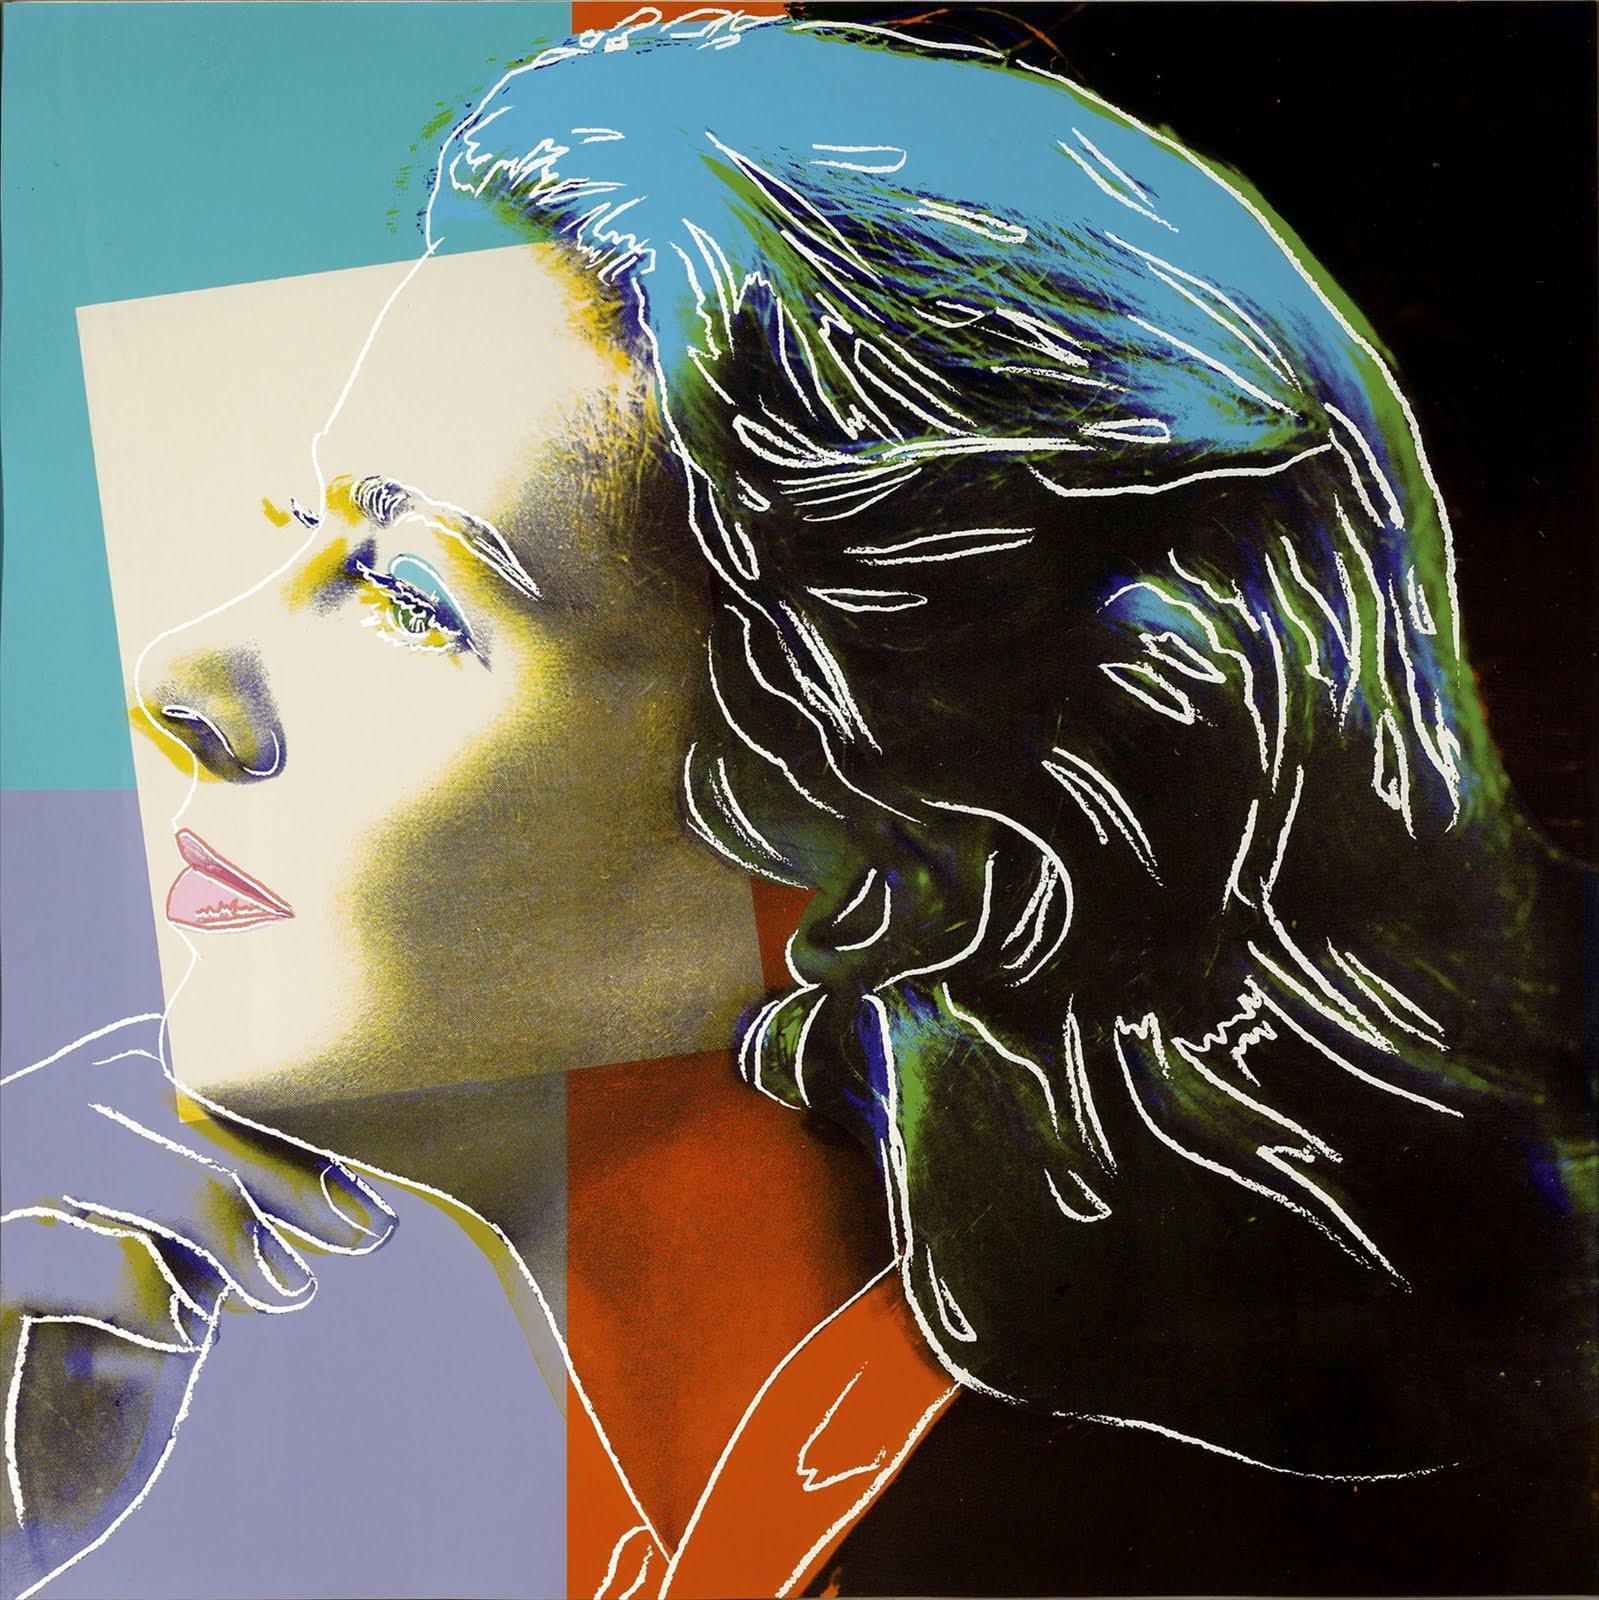 Ingrid Bergman 313 (Herself) by Andy Warhol